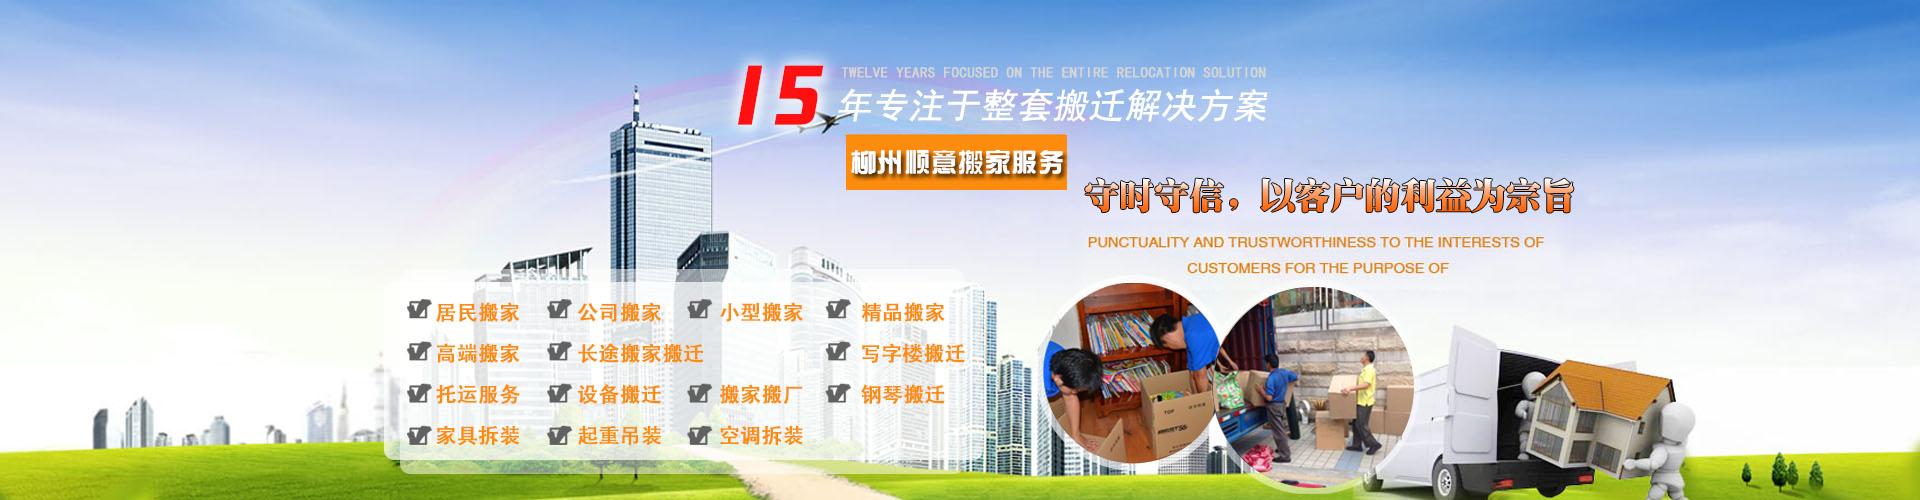 柳州鱼峰区如何辨别非正规搬家公司,需要掌握的技巧